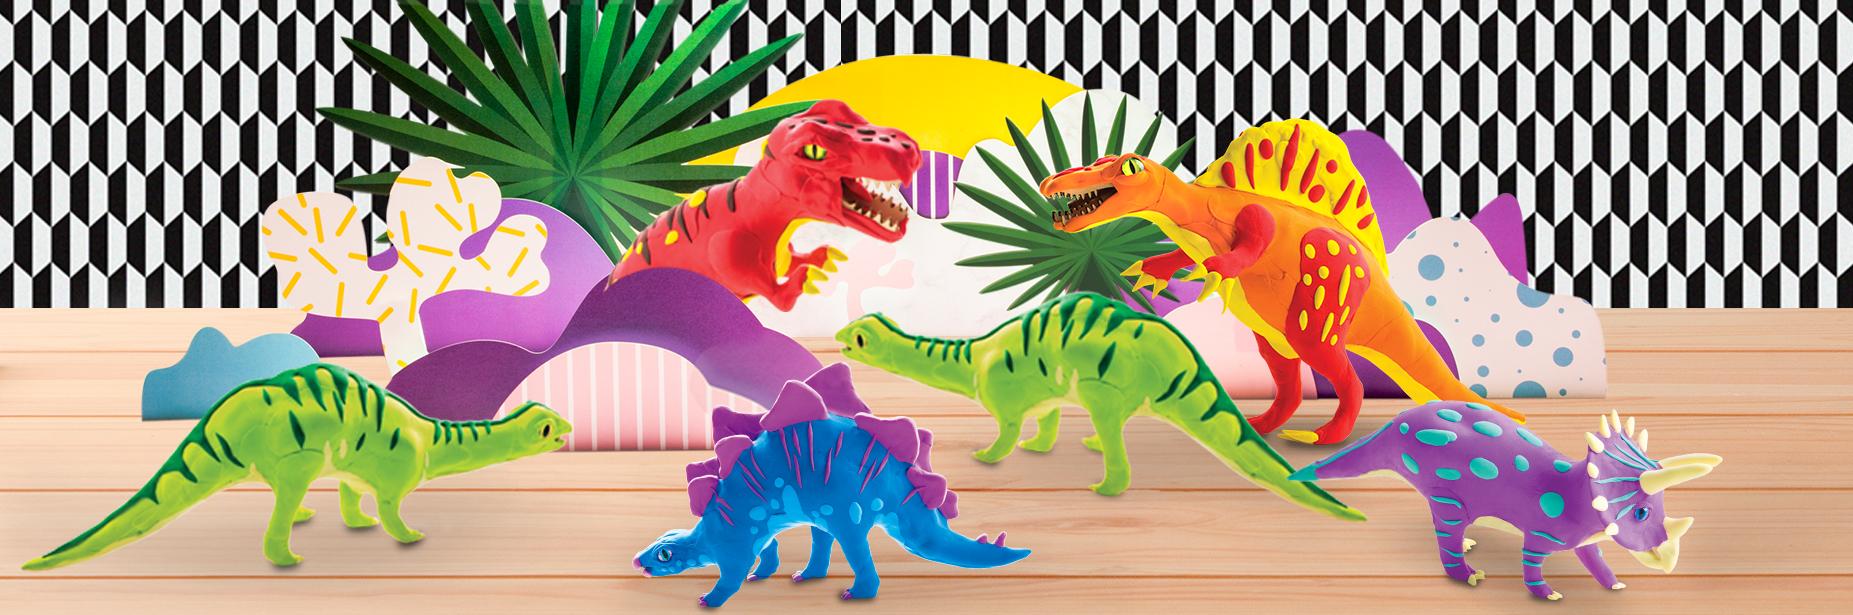 恐龙粘土合集